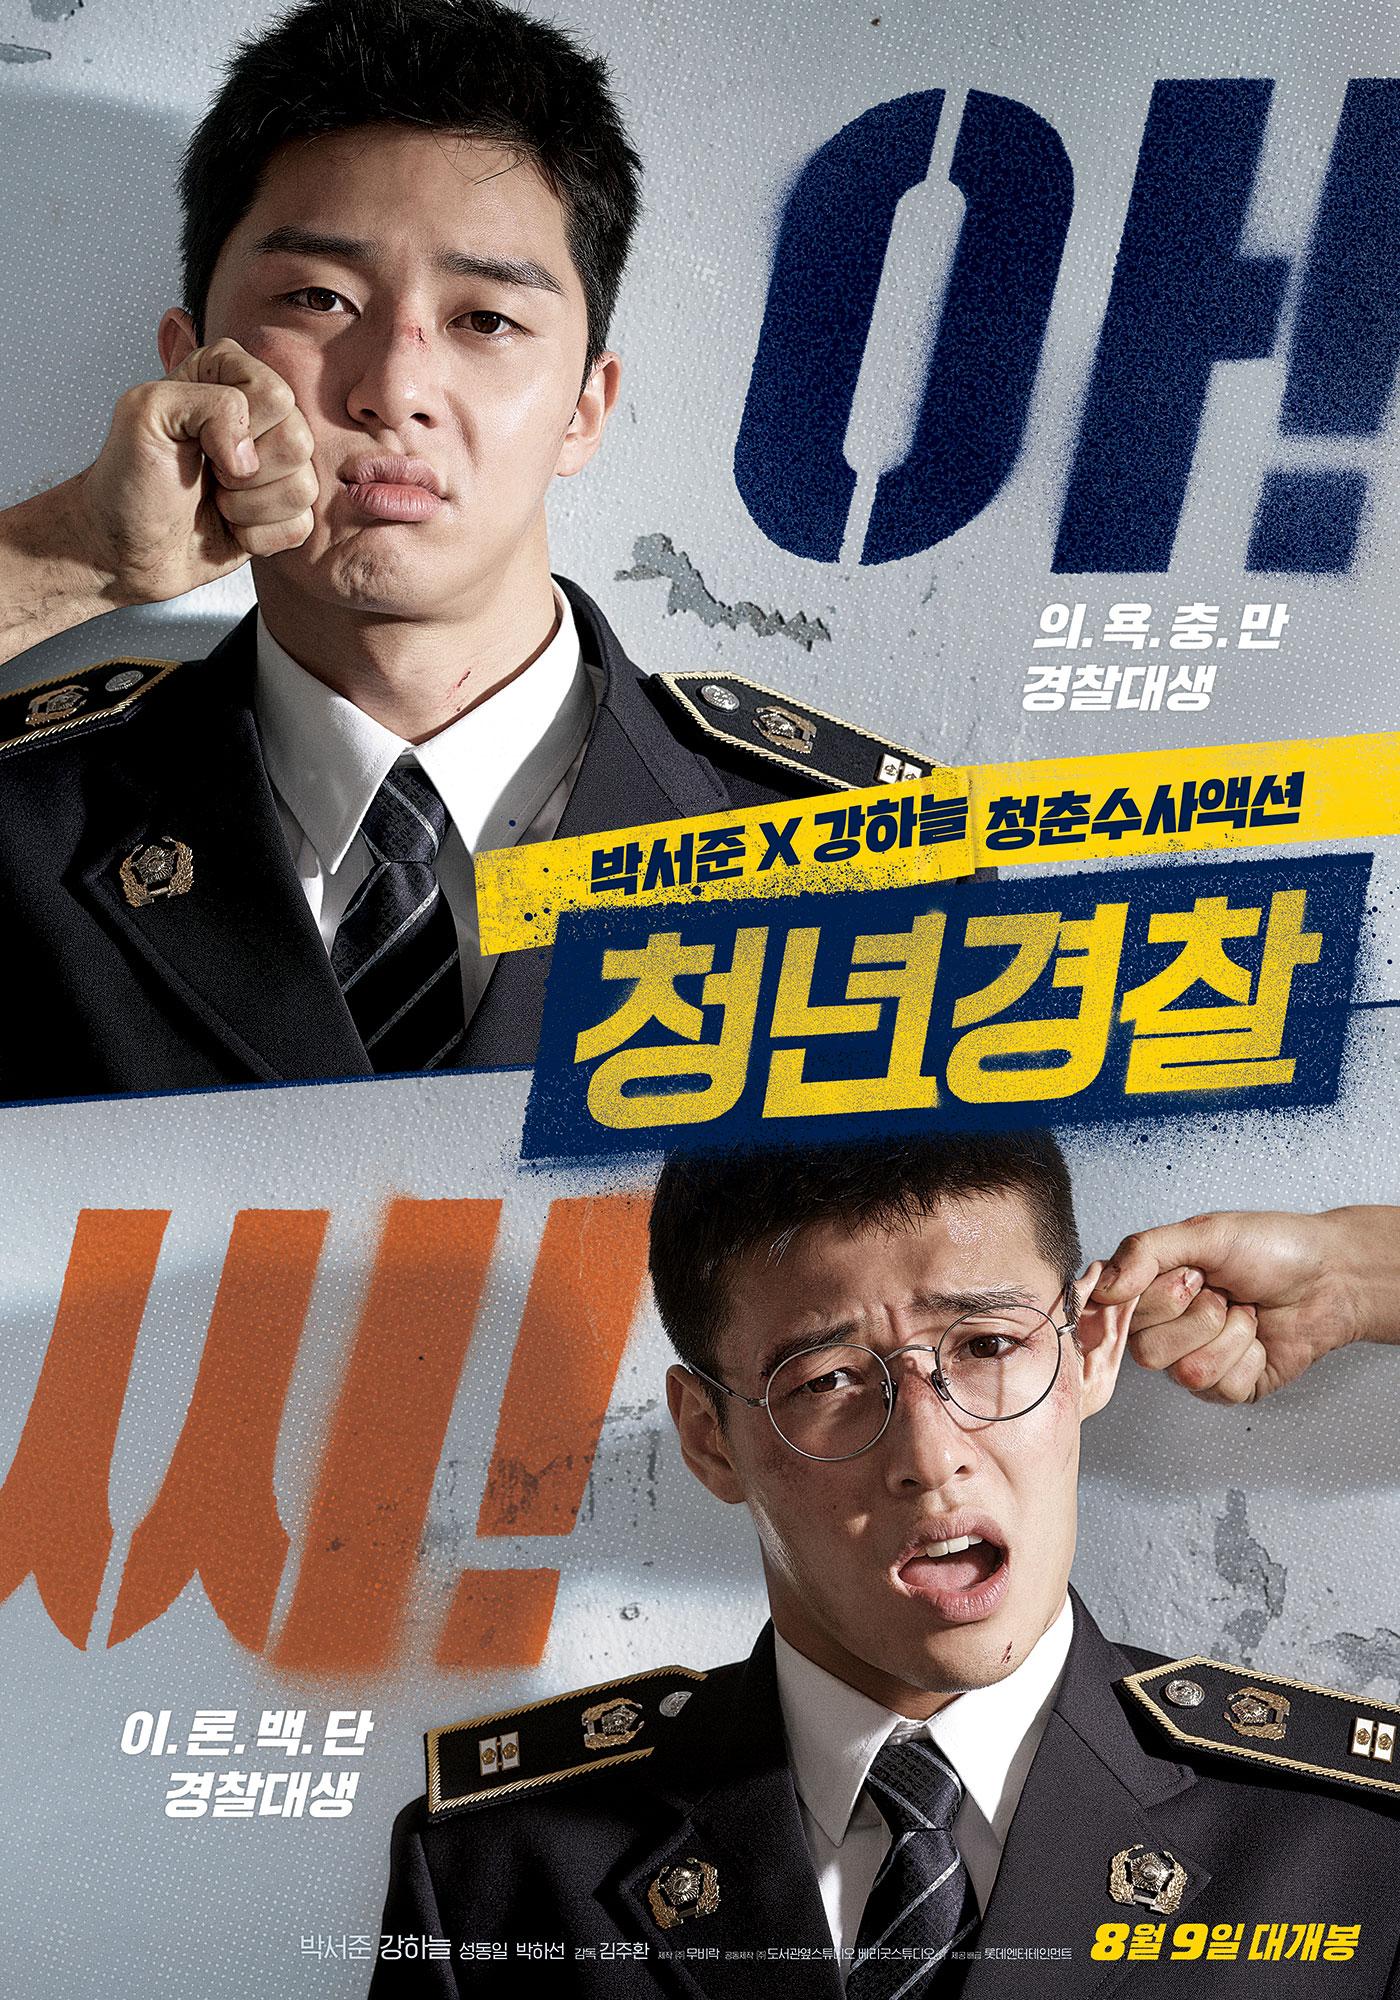 이단아의 모범 - 영화 '청년경찰'을 보고